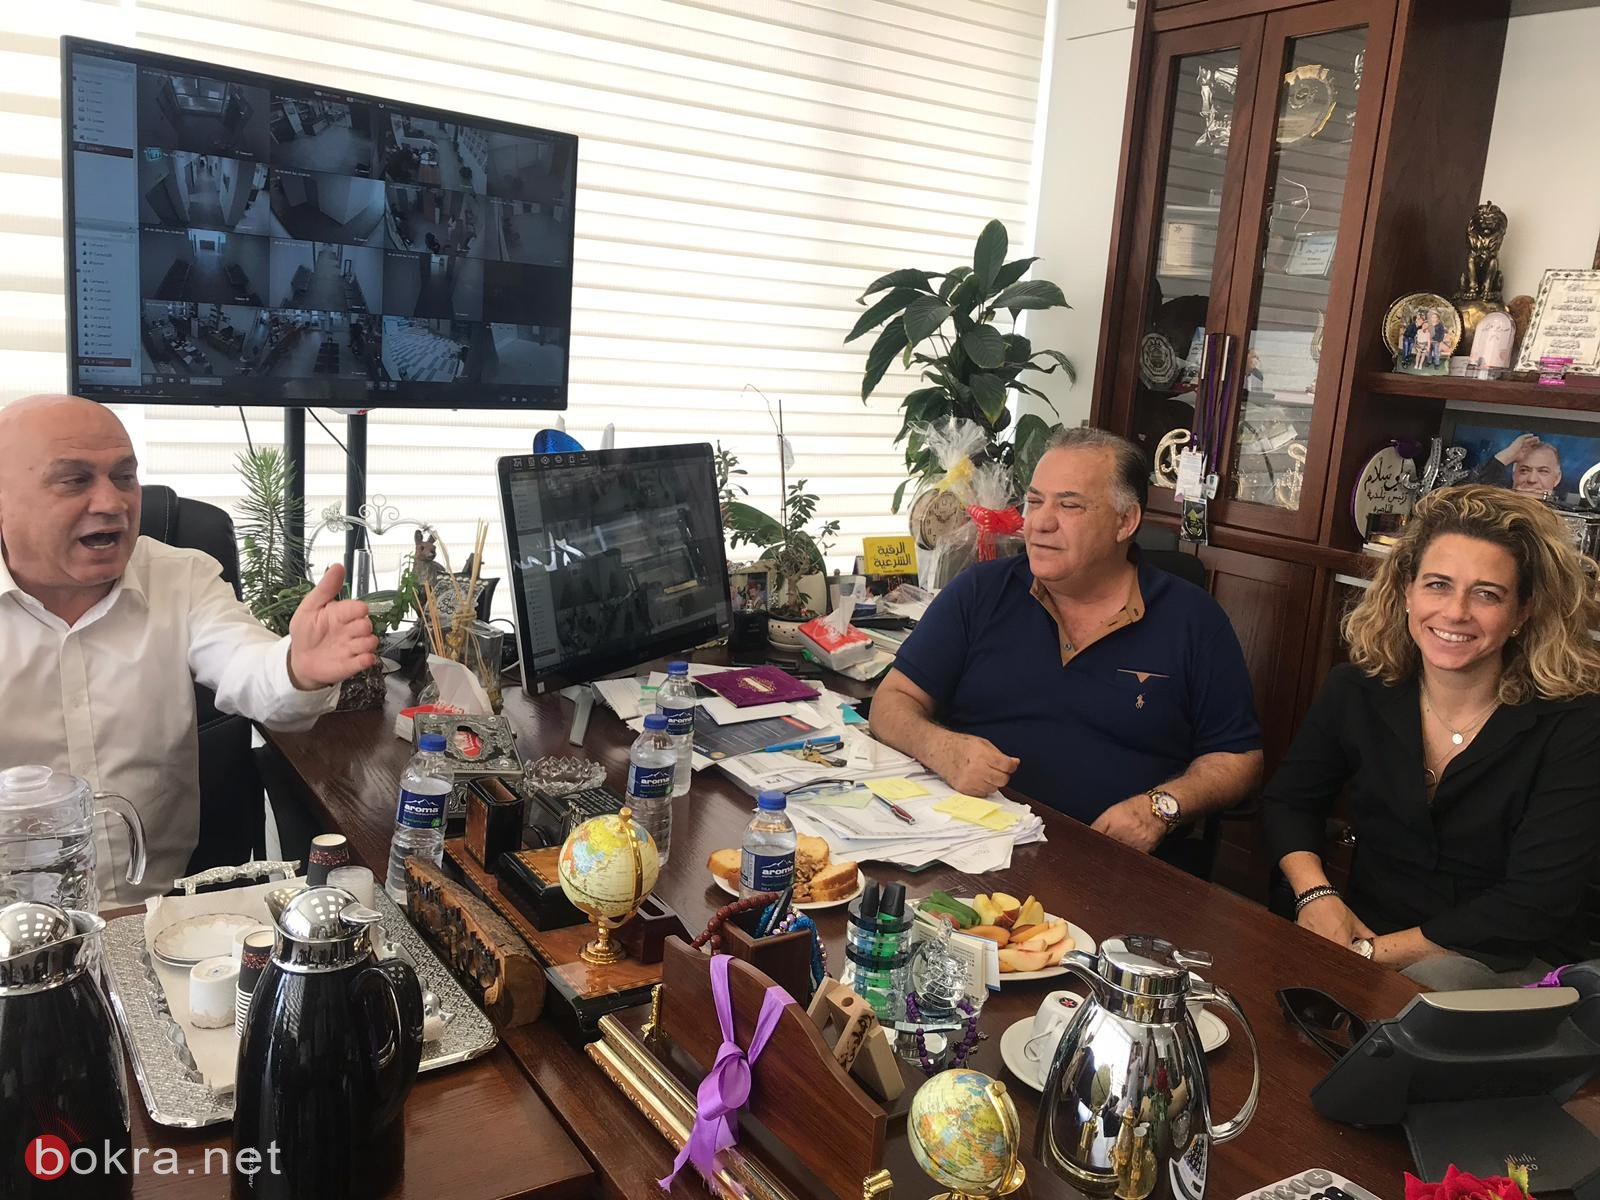 فريج ووفد المعسكر الديمقراطي يزور بلدية الناصرة، وسلّام: نعم للشراكة العربية اليهودية